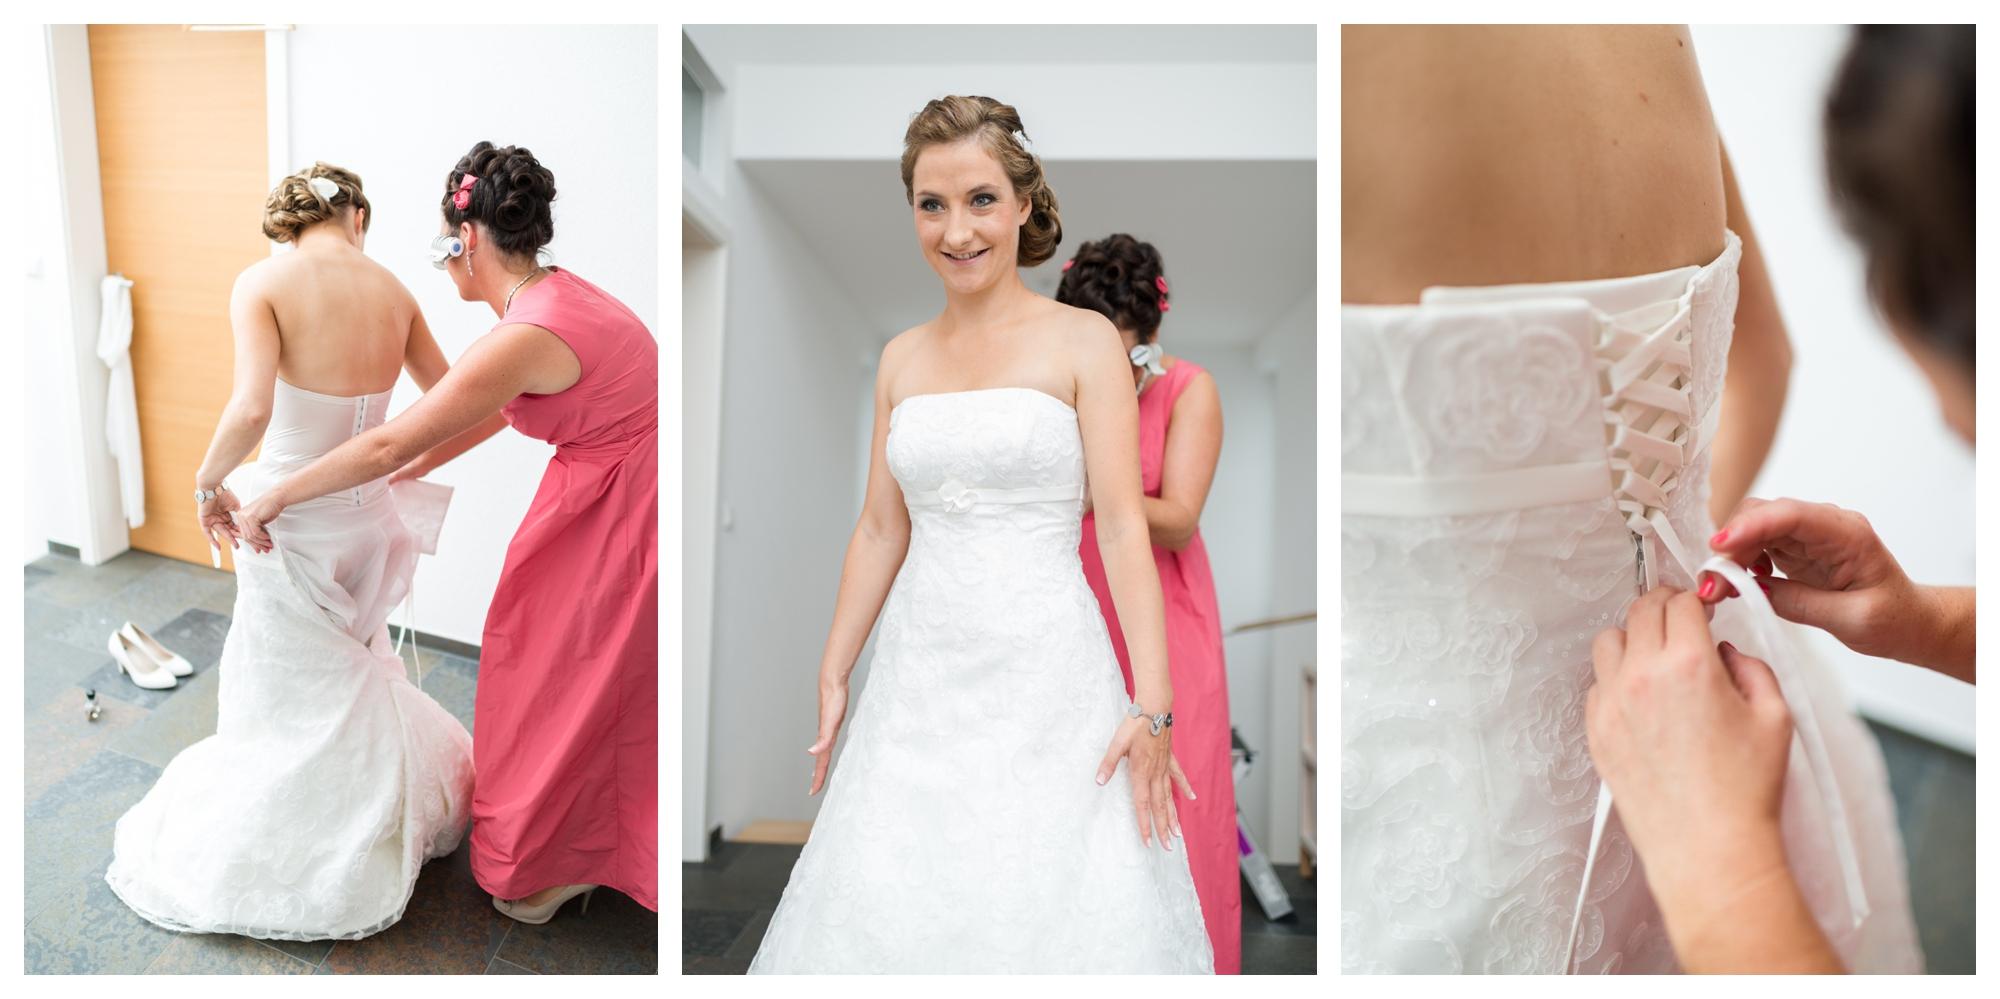 Fotograf Konstanz - 2013 12 08 0002 - Als Hochzeitsfotograf in Bad Dürrheim unterwegs  - 4 -